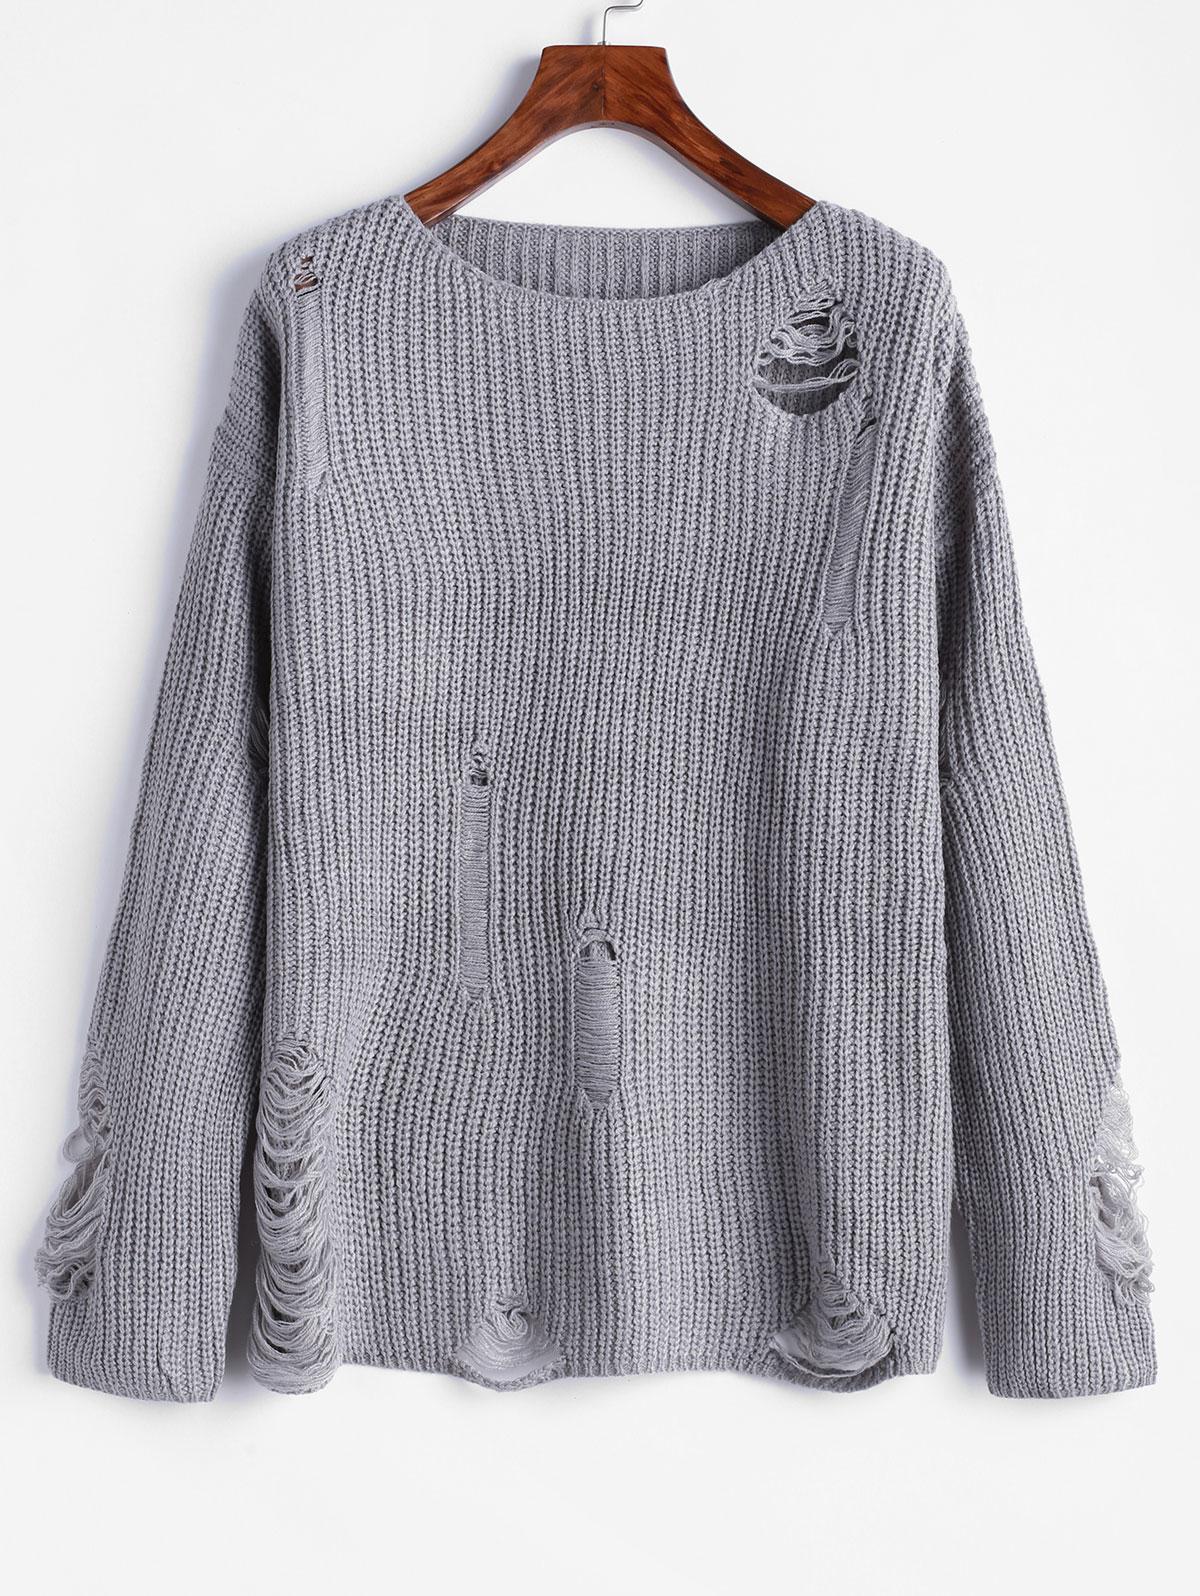 ZAFUL Drop Shoulder Ripped Jumper Sweater